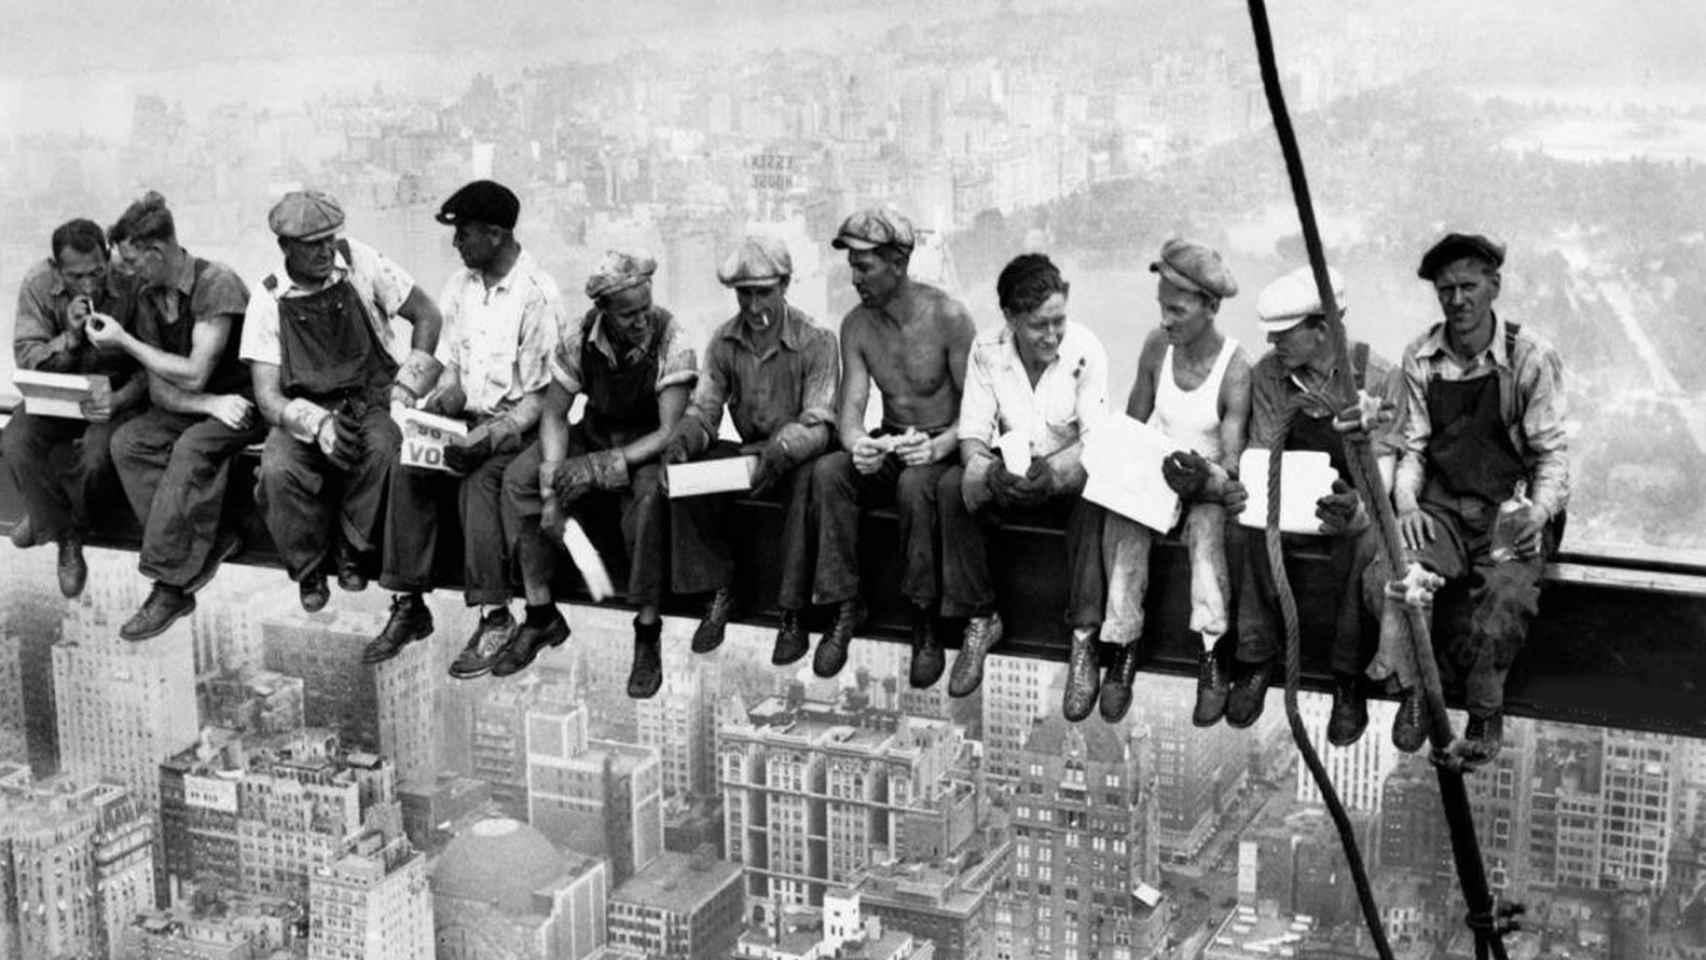 Mítica imagen de los trabajadores construyendo un rascacielos en Nueva York